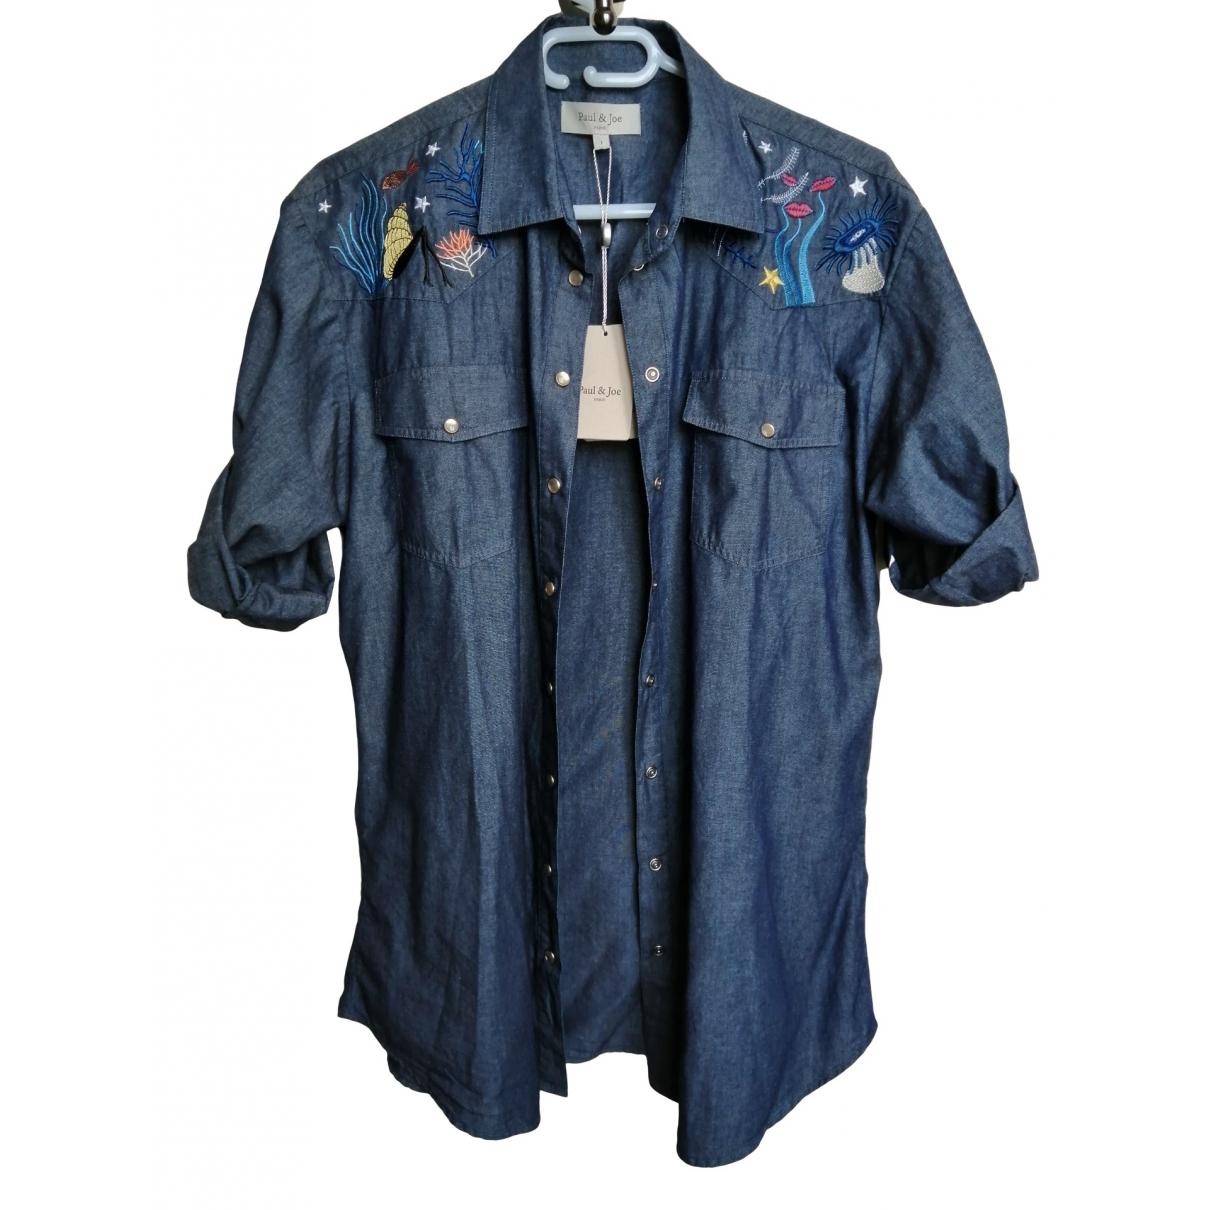 Paul & Joe \N Blue Denim - Jeans  top for Women 36 FR